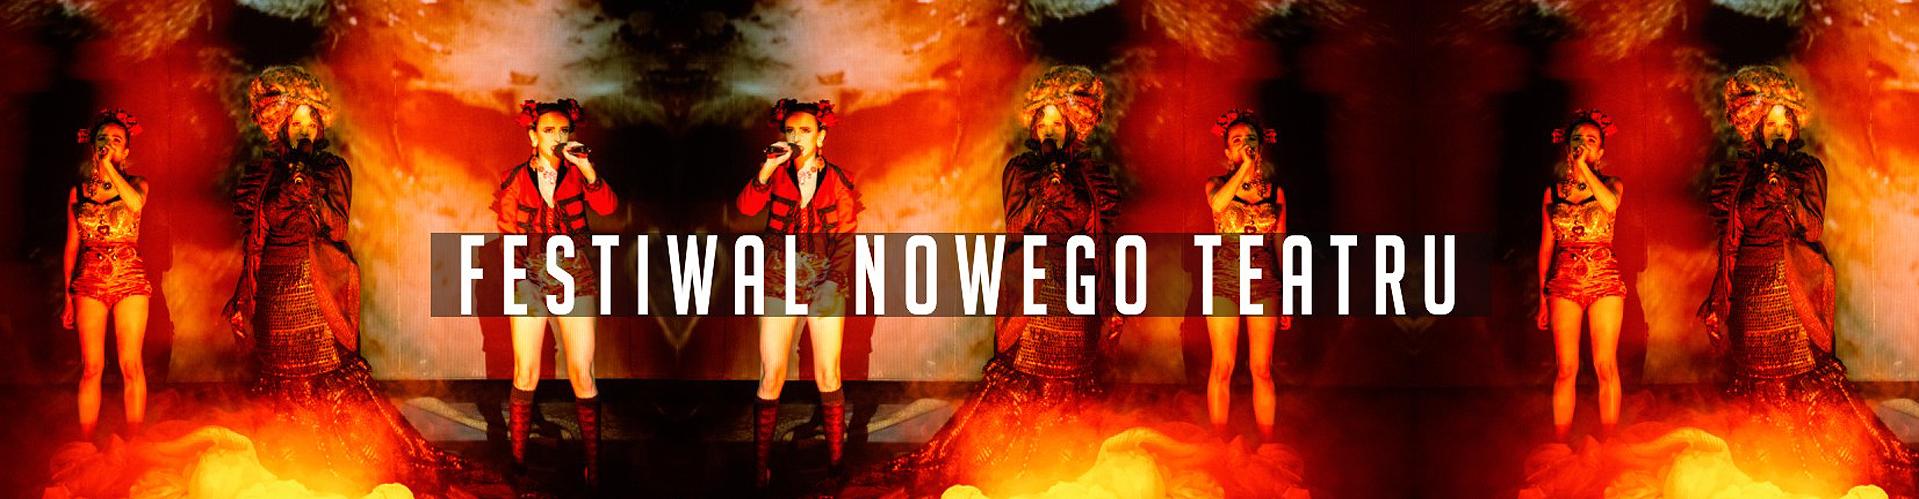 Sprzedaż karnetów i biletów na 54. RST - 02. Festiwal Nowego Teatru